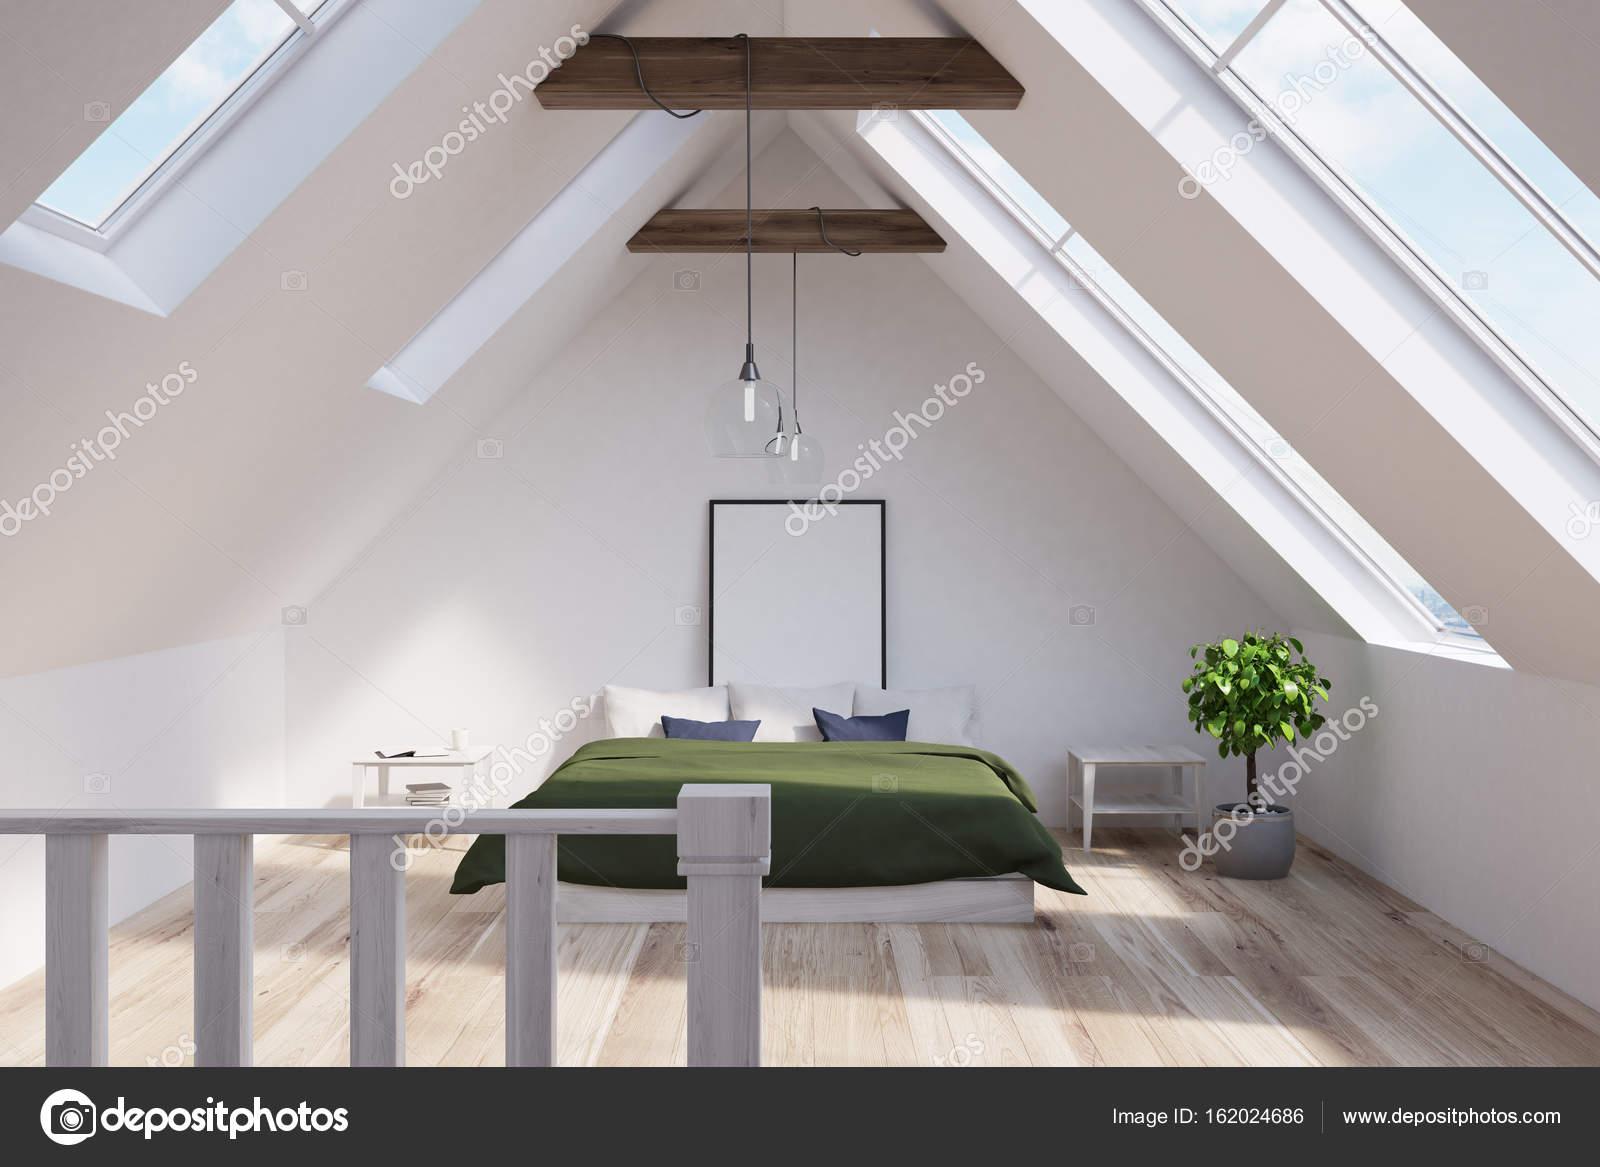 Dachgeschoss Schlafzimmer Mit Einem Grunen Bett Plakat Stockfoto